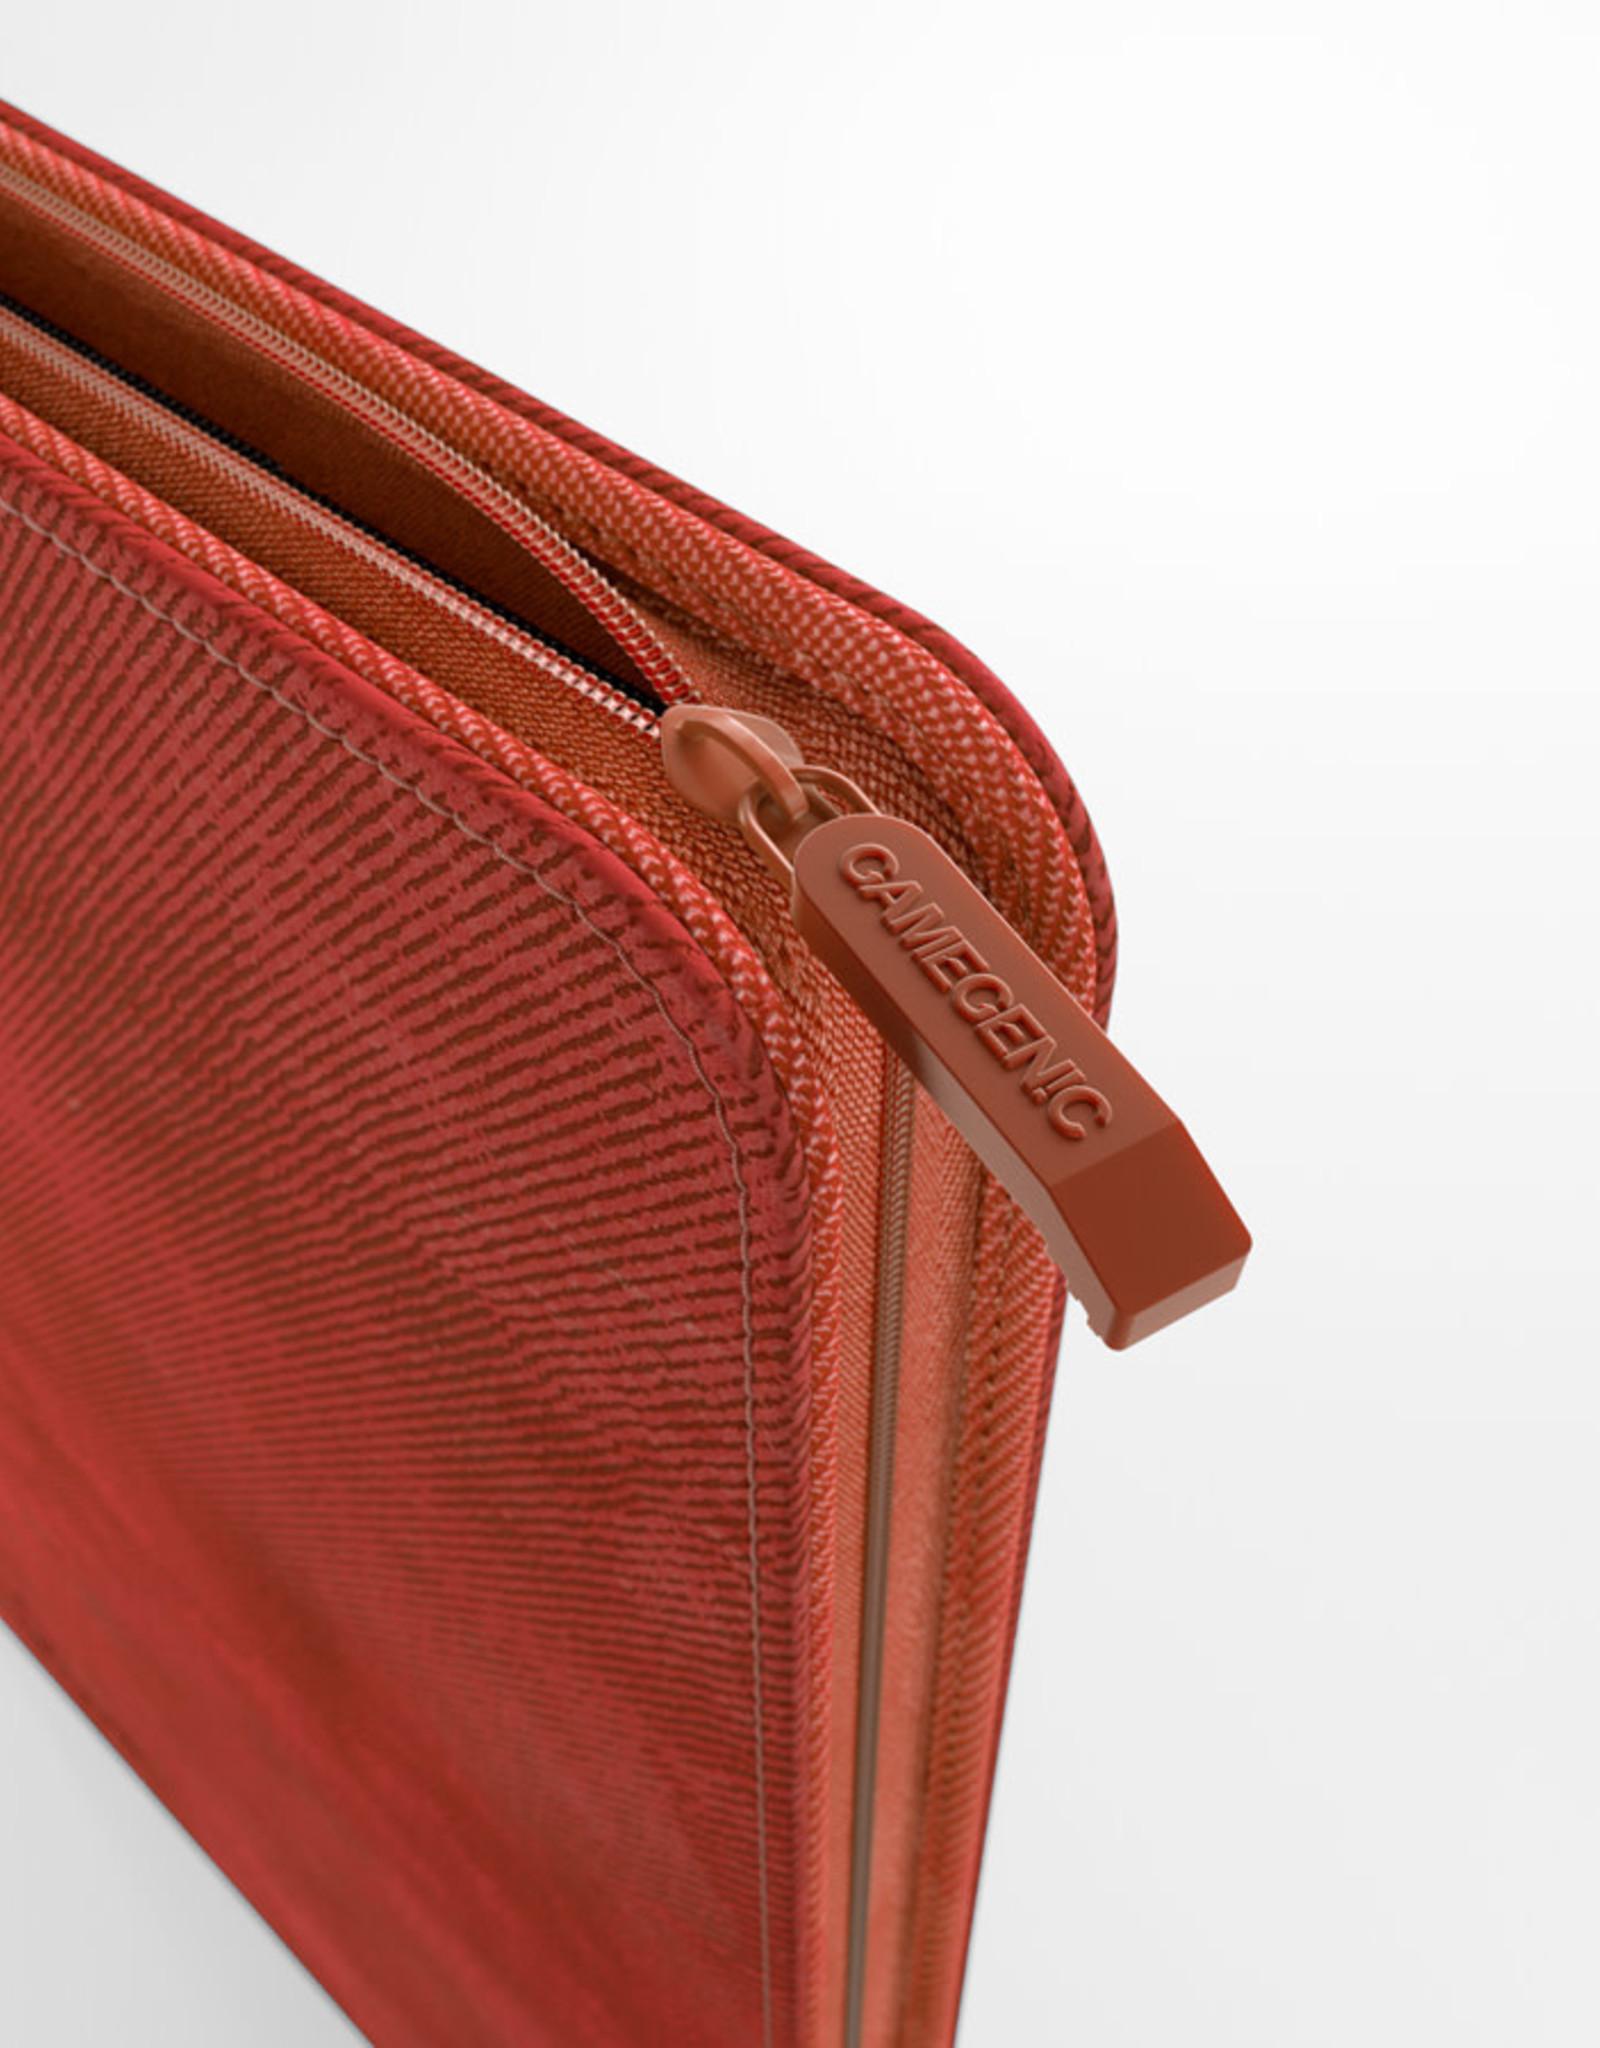 Binder: 8-Pocket Zip-Up Album Red